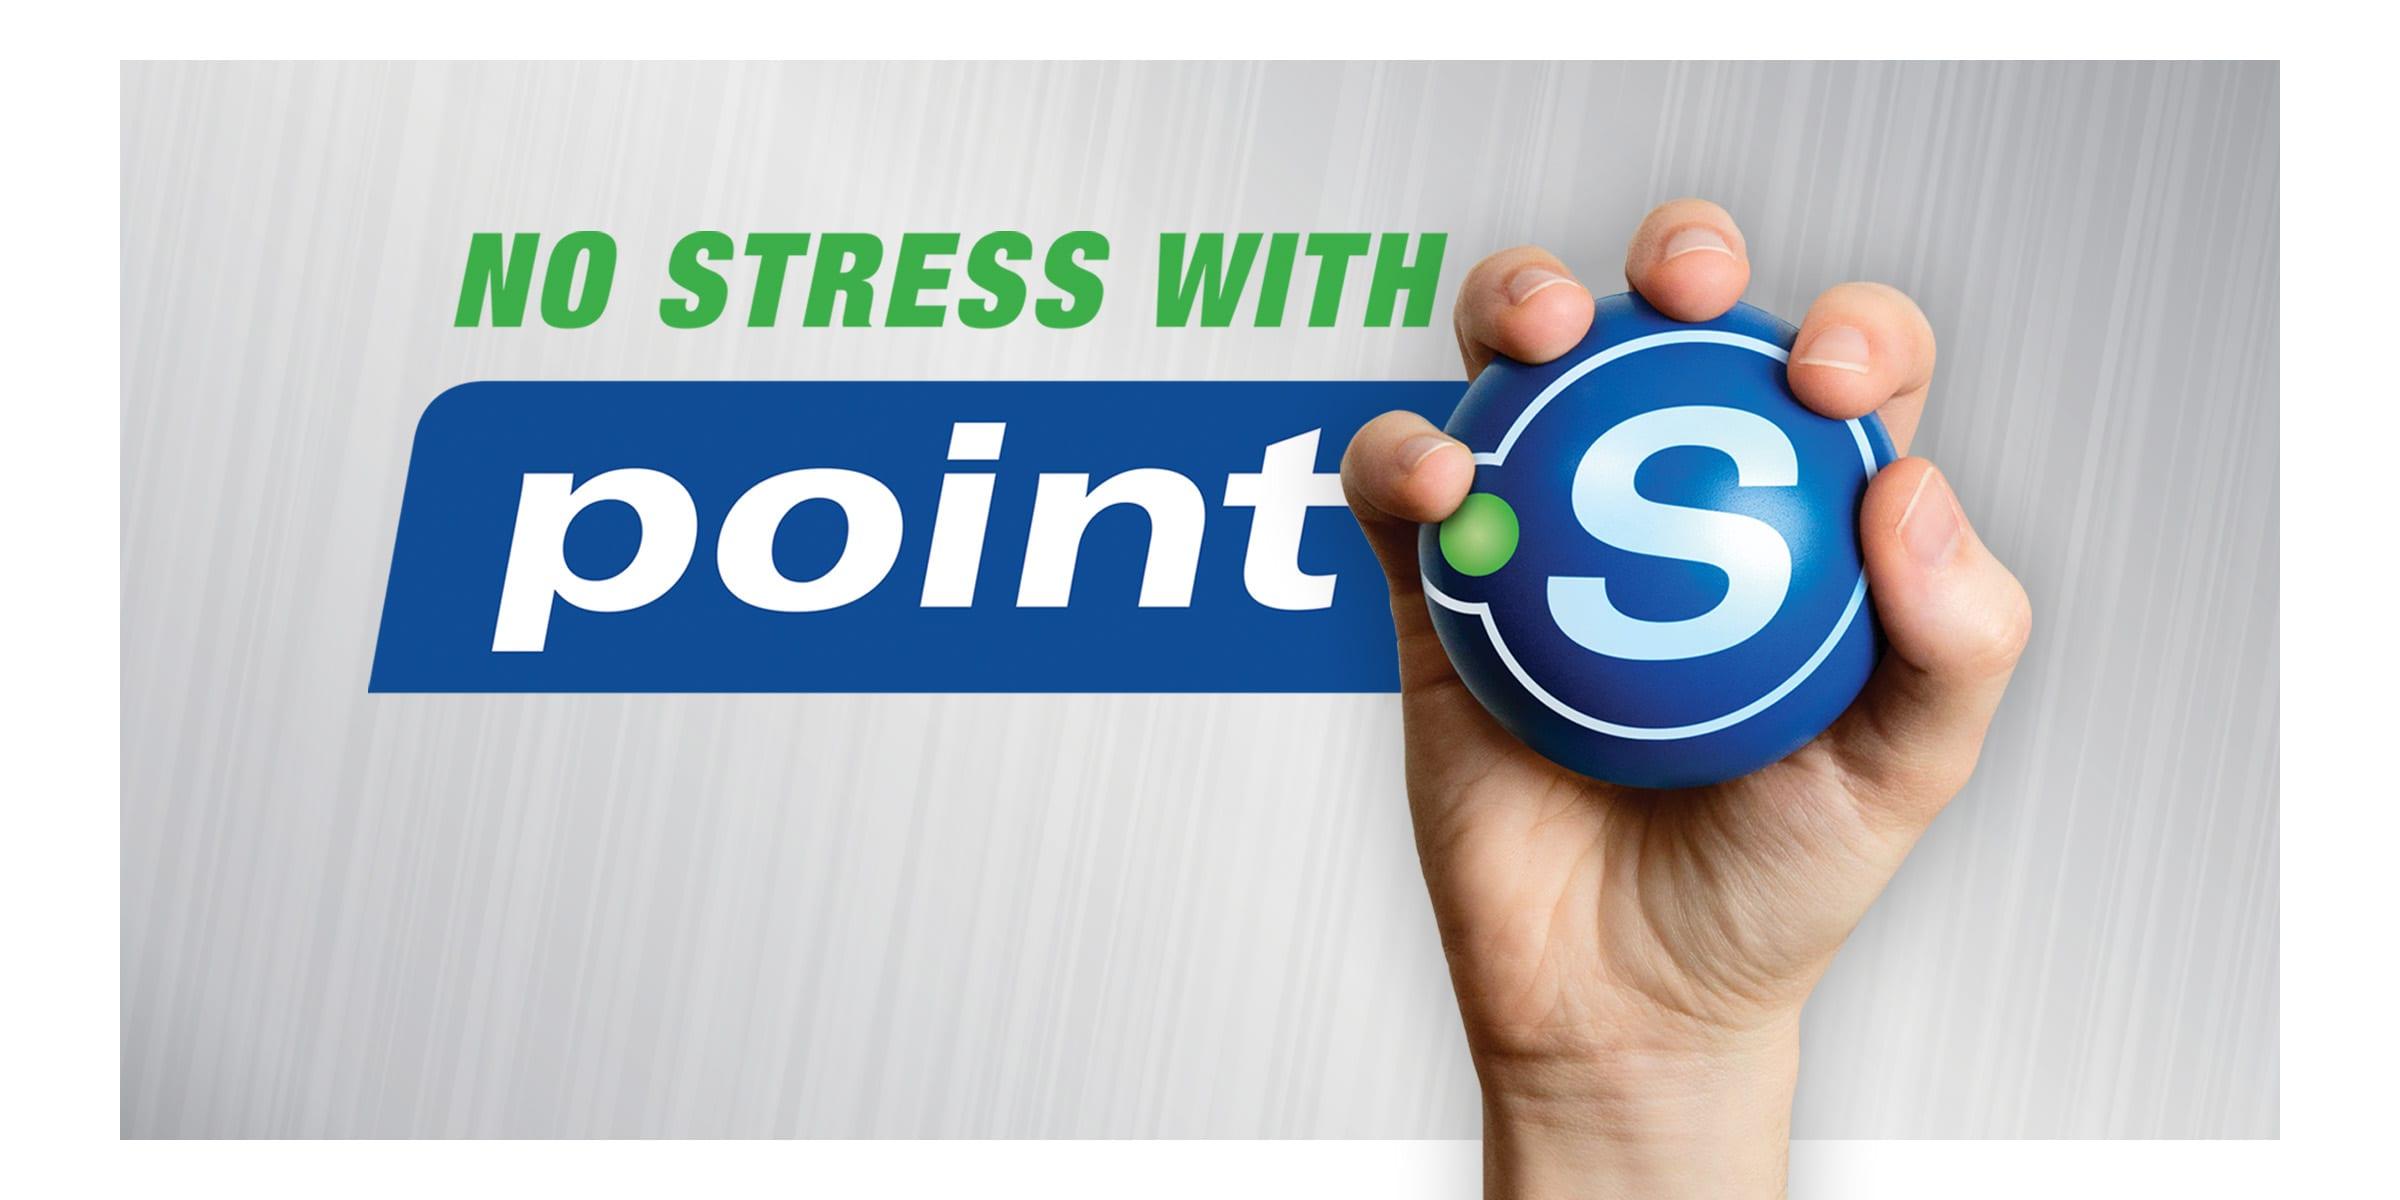 MBT-Website_Work_Point-S-No-Stress-Campaign_A-Logo-Stress-Ball